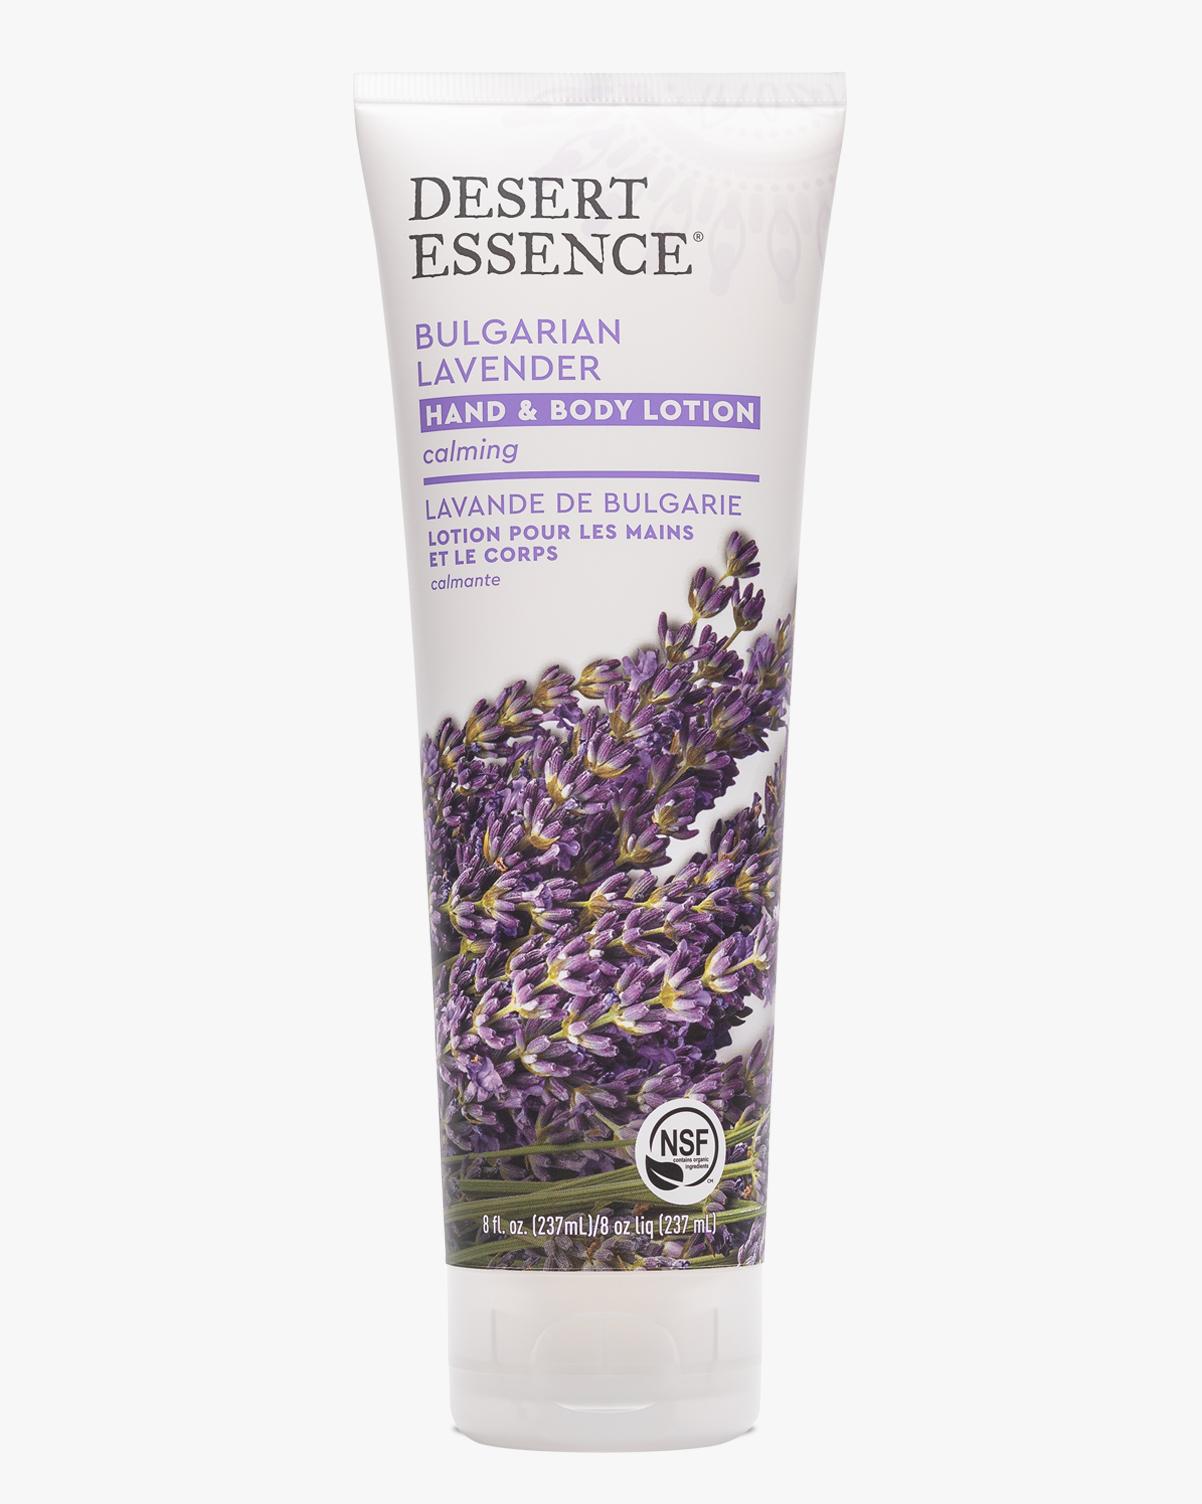 Desert Essence coupon: Desert Essence Bulgarian Lavender Hand & Body Lotion, 8 fl. oz. | Vegan | Gluten-Free